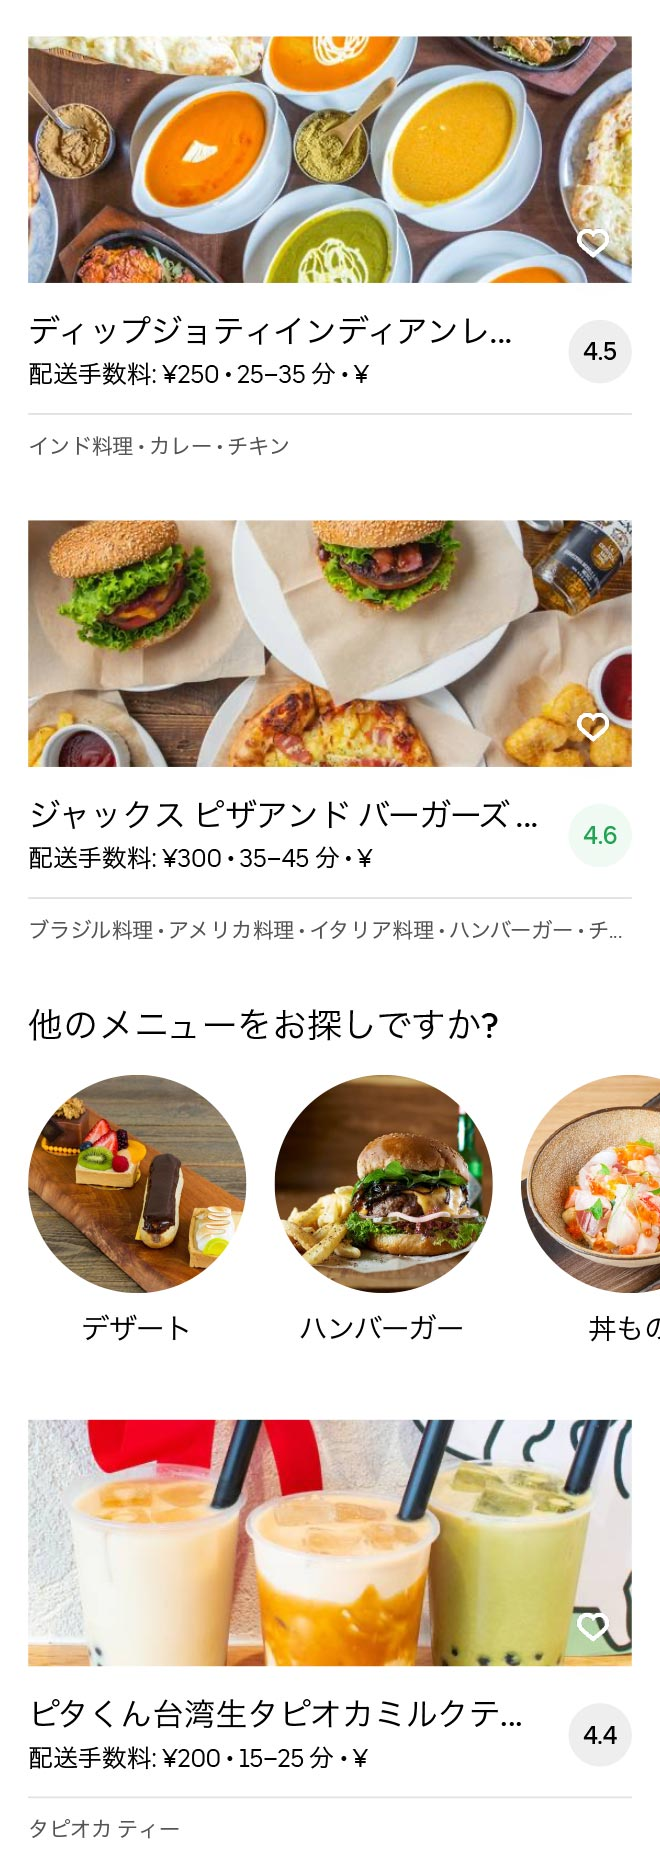 Nishinomiya koshien menu 2005 05